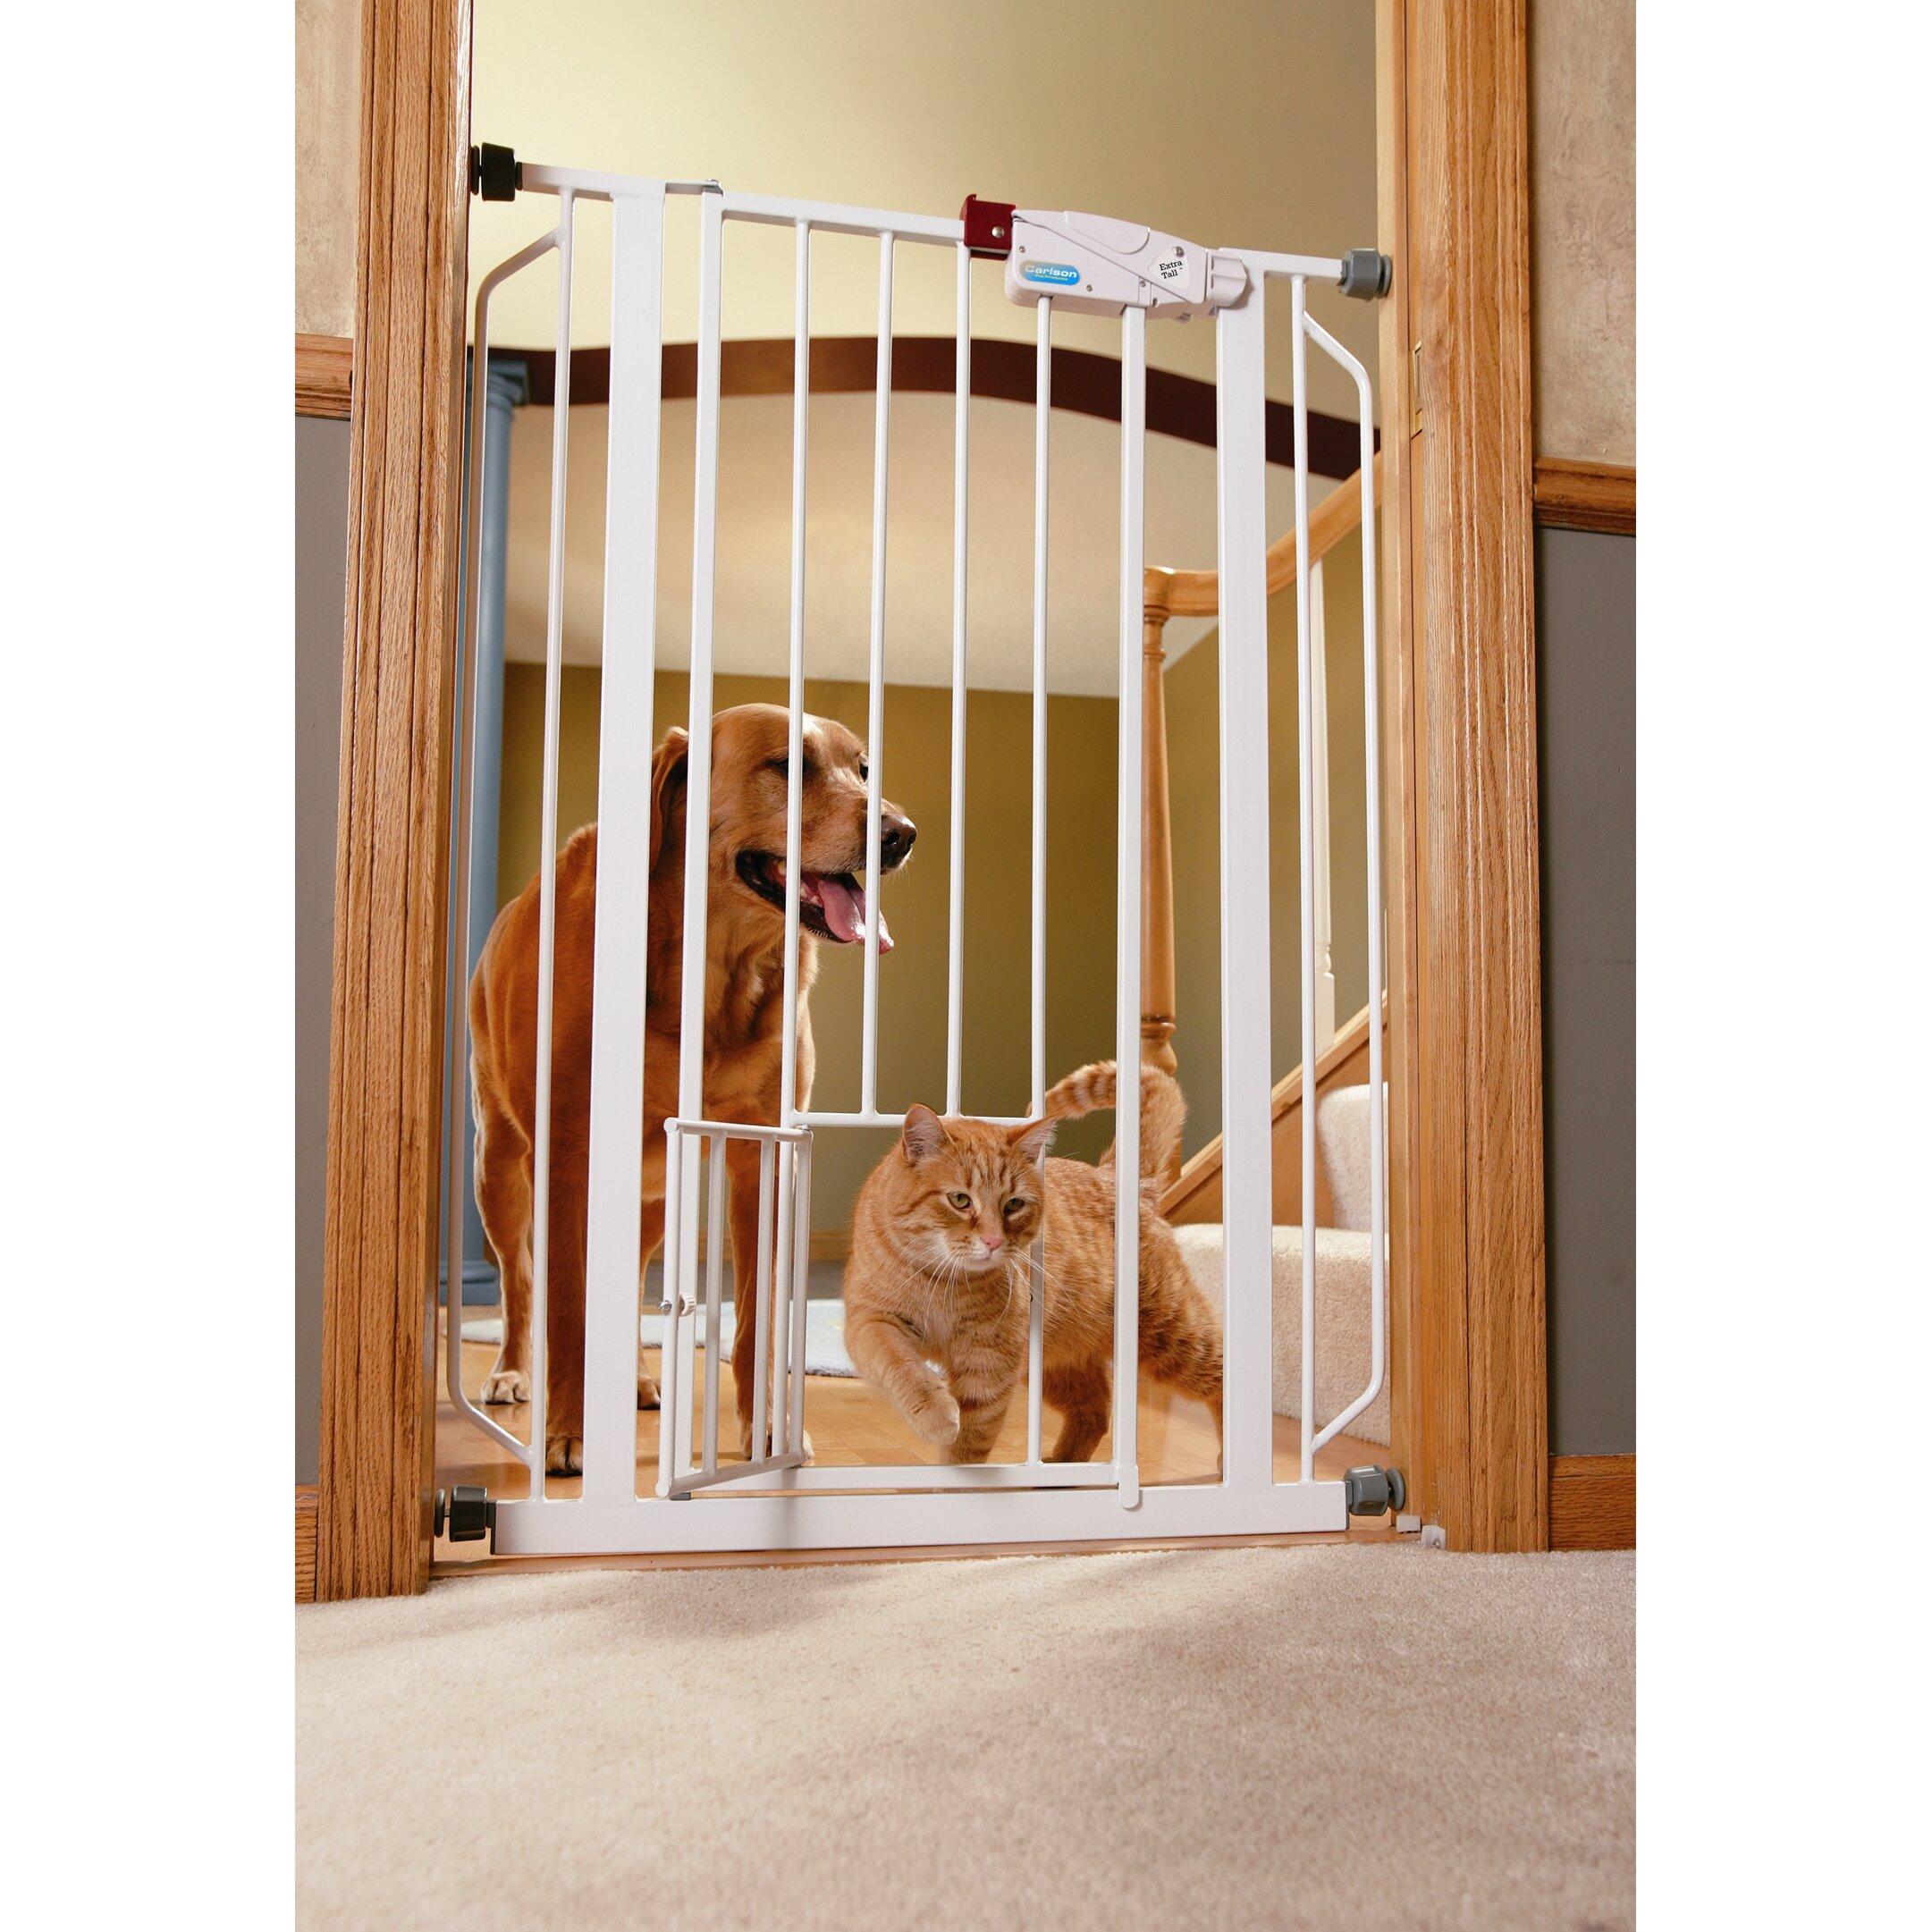 How To Take Cat Door Off Of Pet Gate